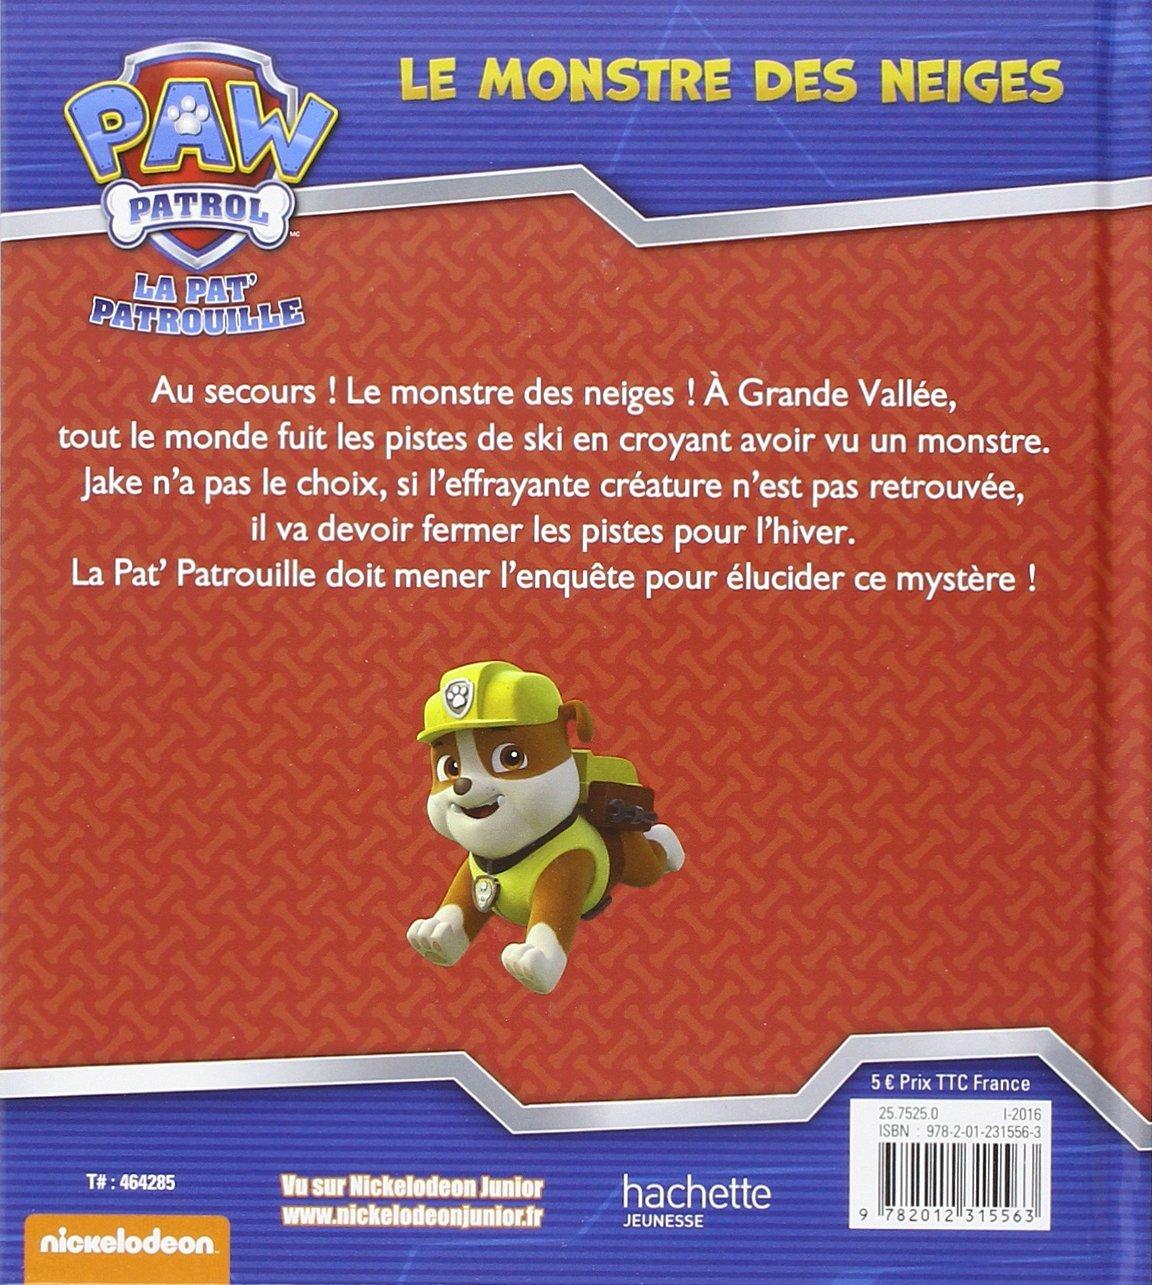 5f988b5ad4a9a Paw Patrol - La Pat' Patrouille / Le monstre des neiges: Amazon.fr:  Collectif: Livres